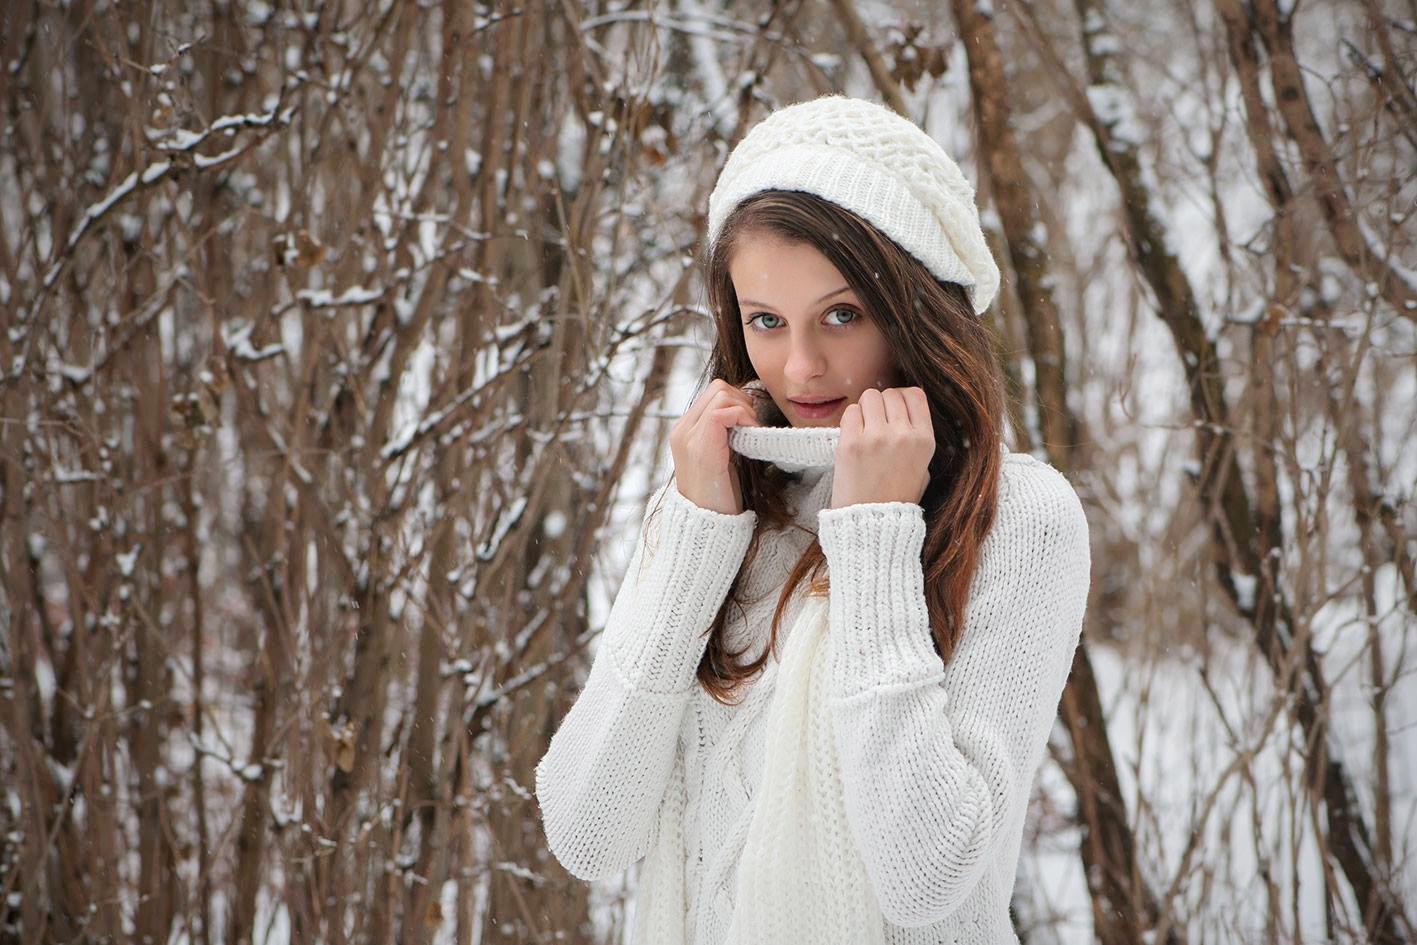 Ивана | Author Anelia Nacheva - Abril | PHOTO FORUM